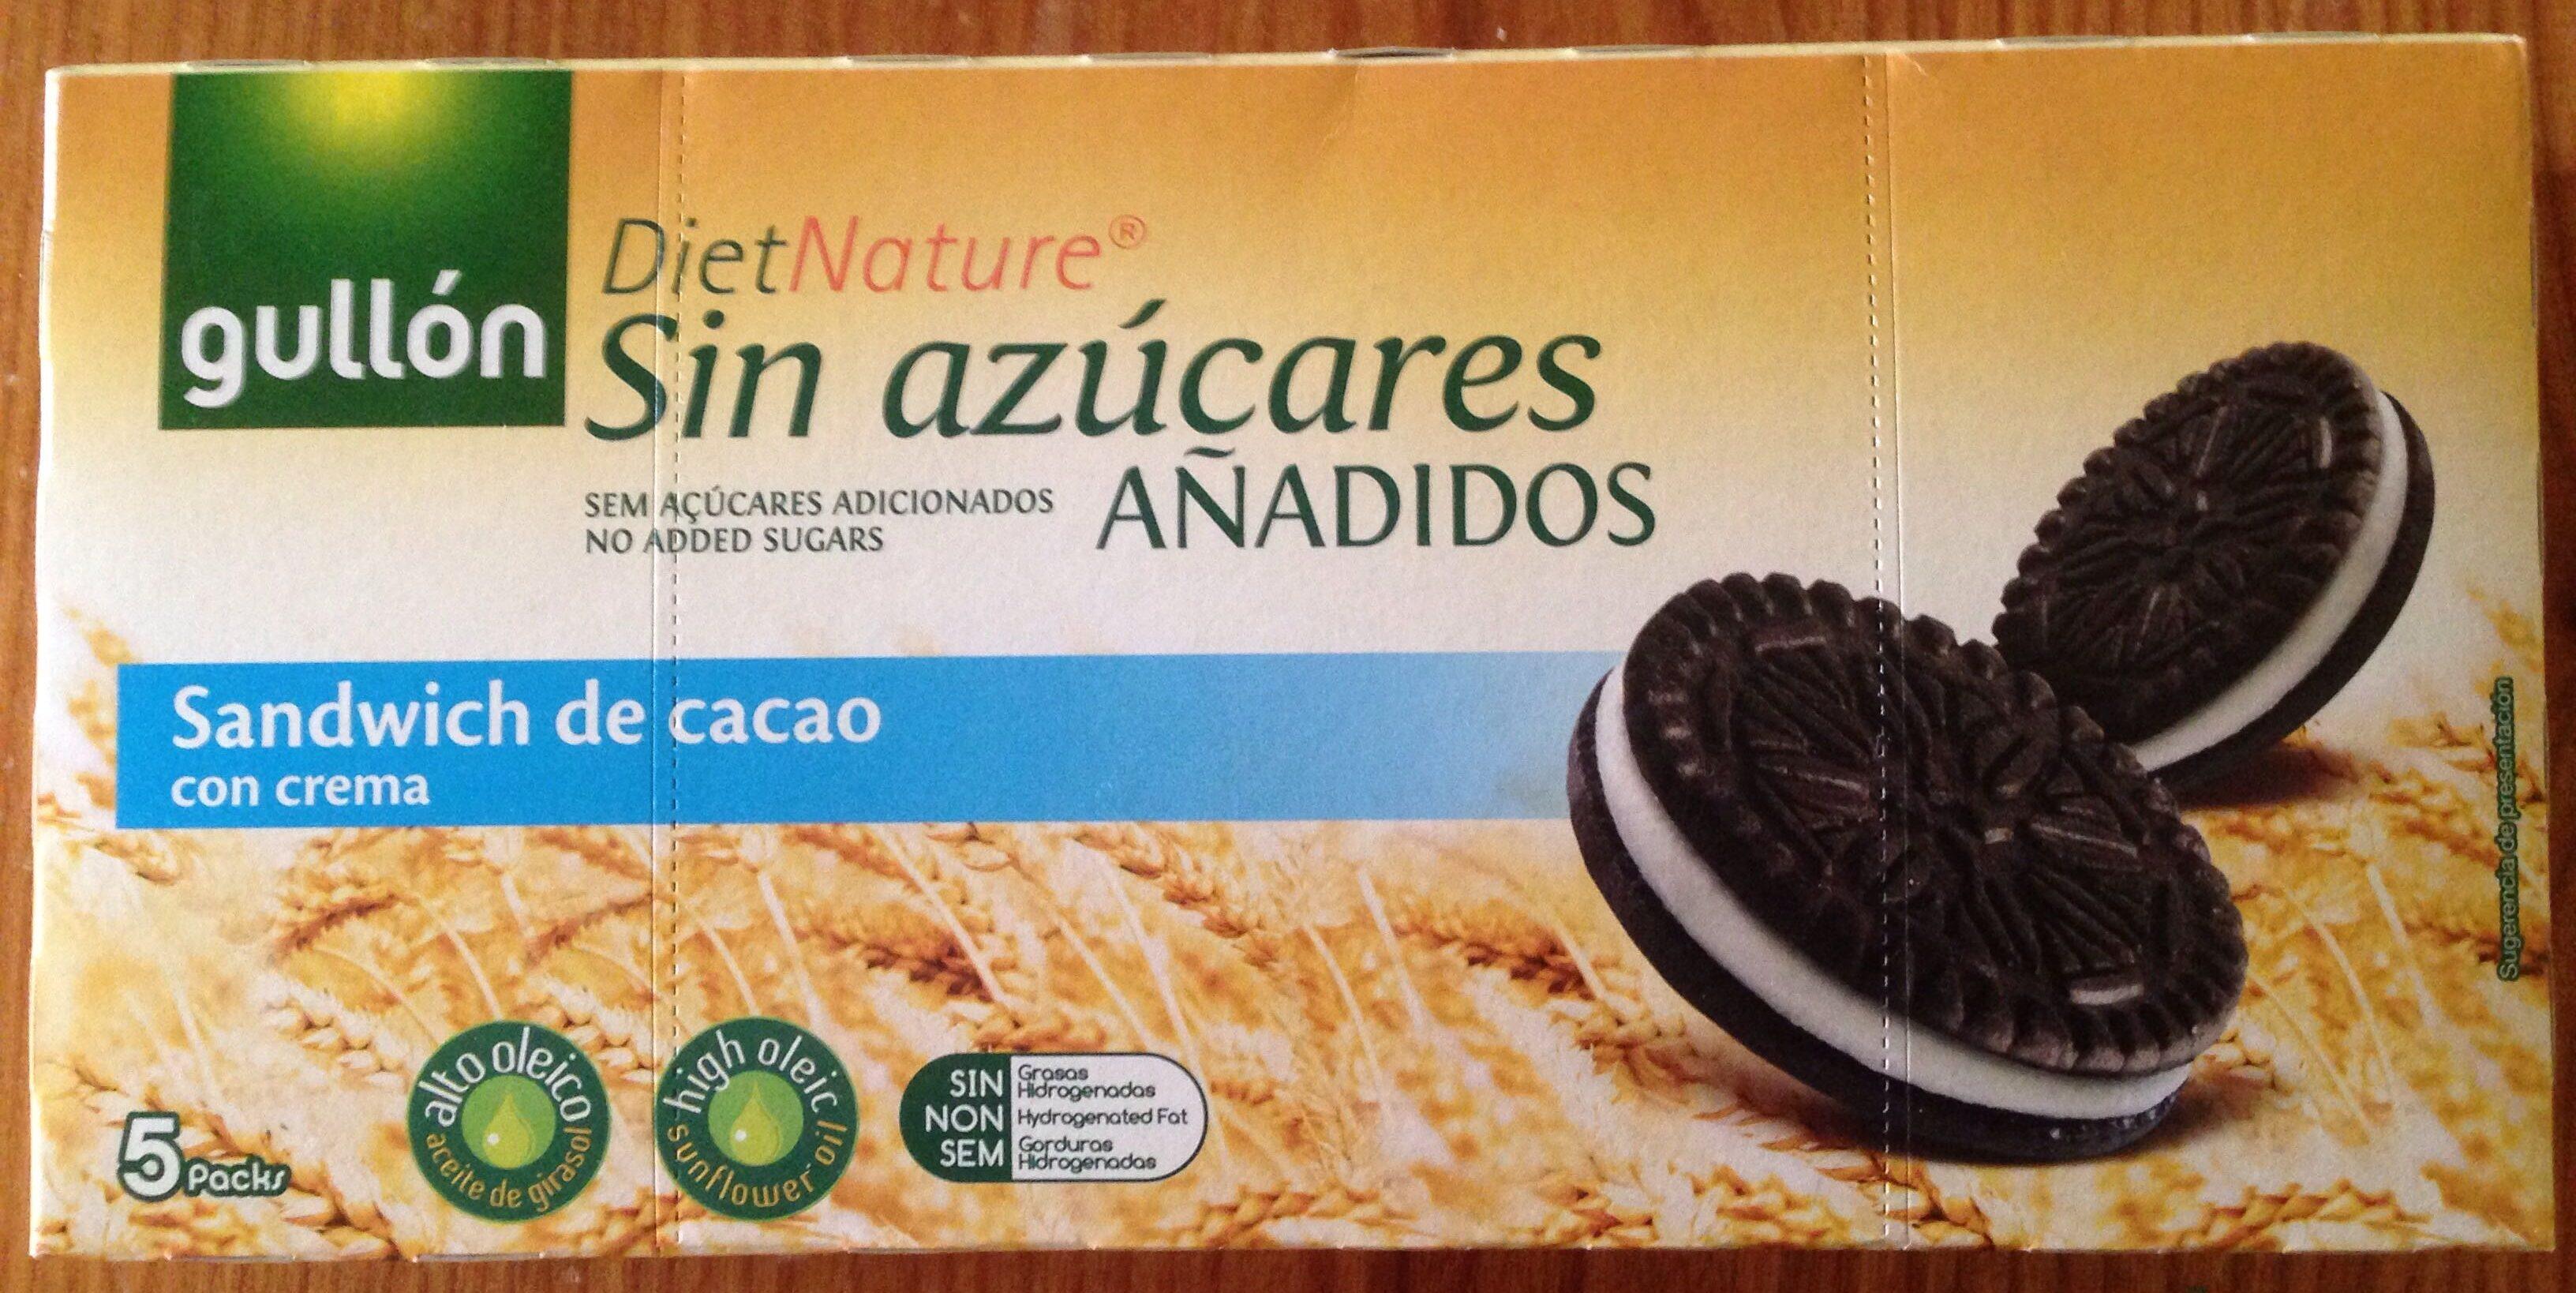 Galletas sandwich de cacao rellenas de crema - Product